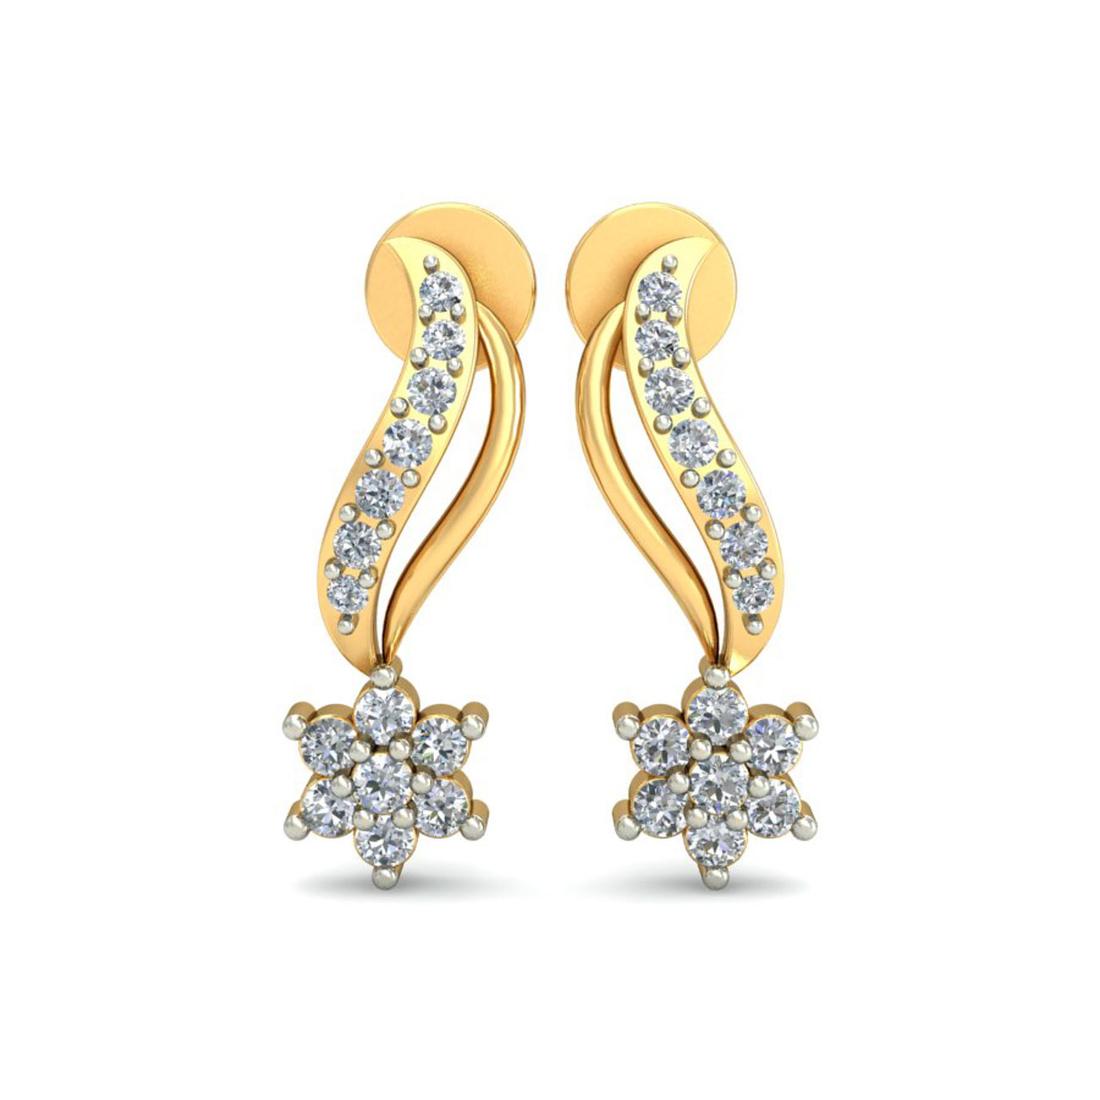 Ornomart's swirling star Earrings